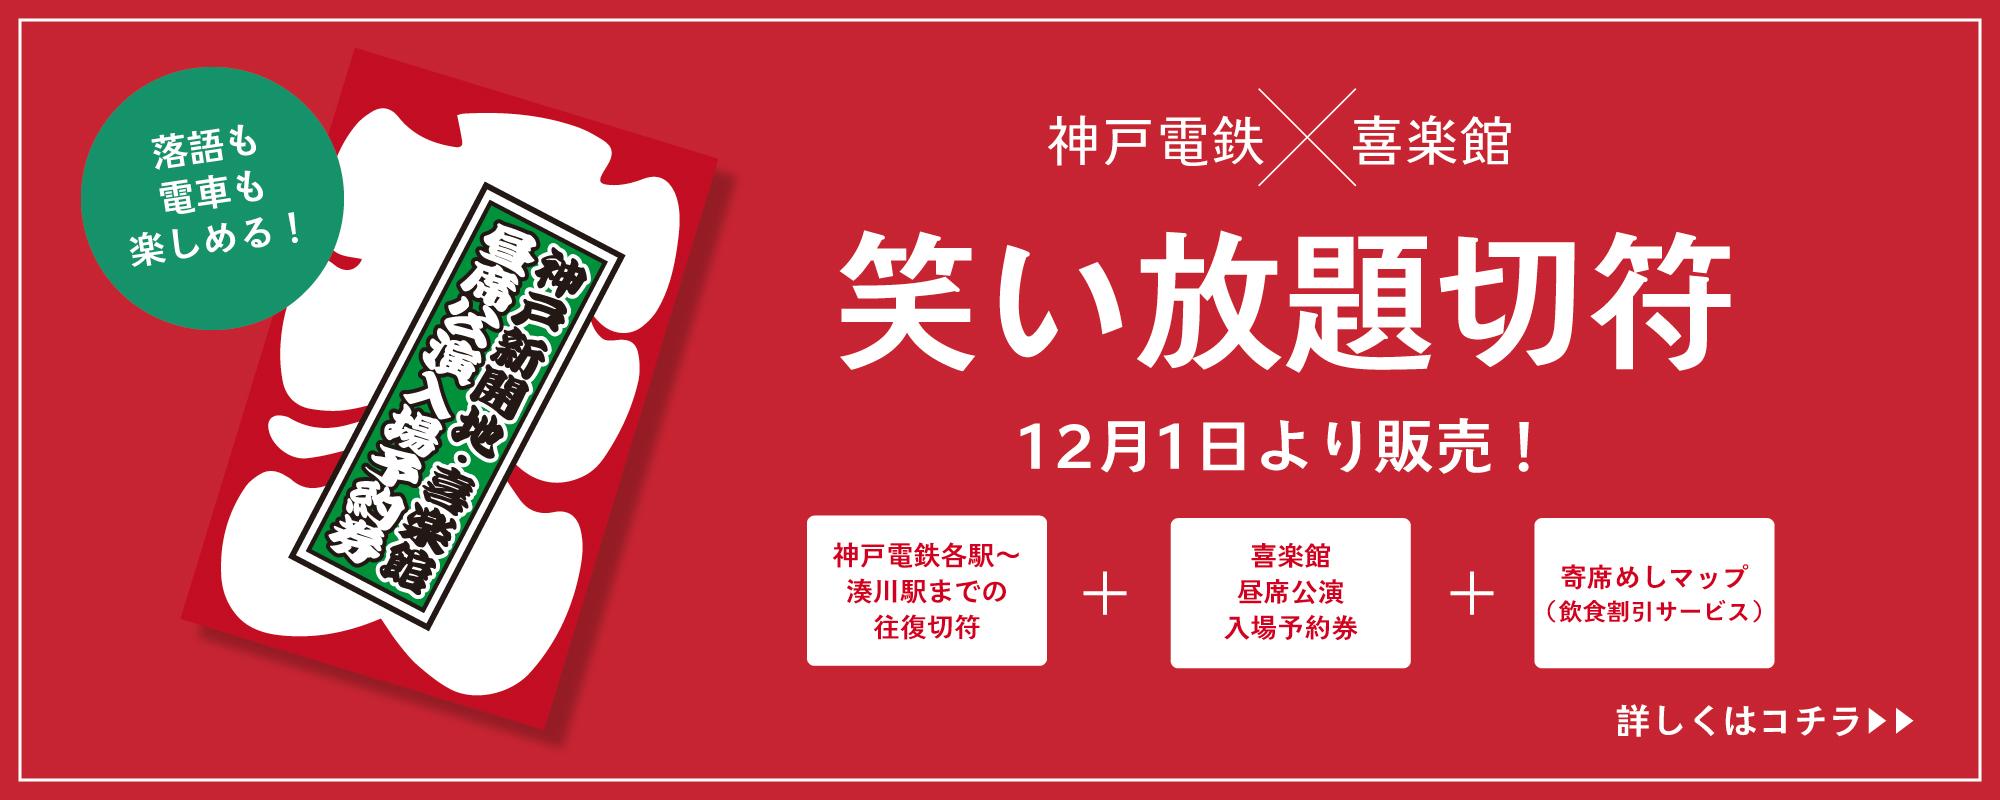 12月1日より「神戸電鉄×喜楽館 笑い放題切符」を発売します!